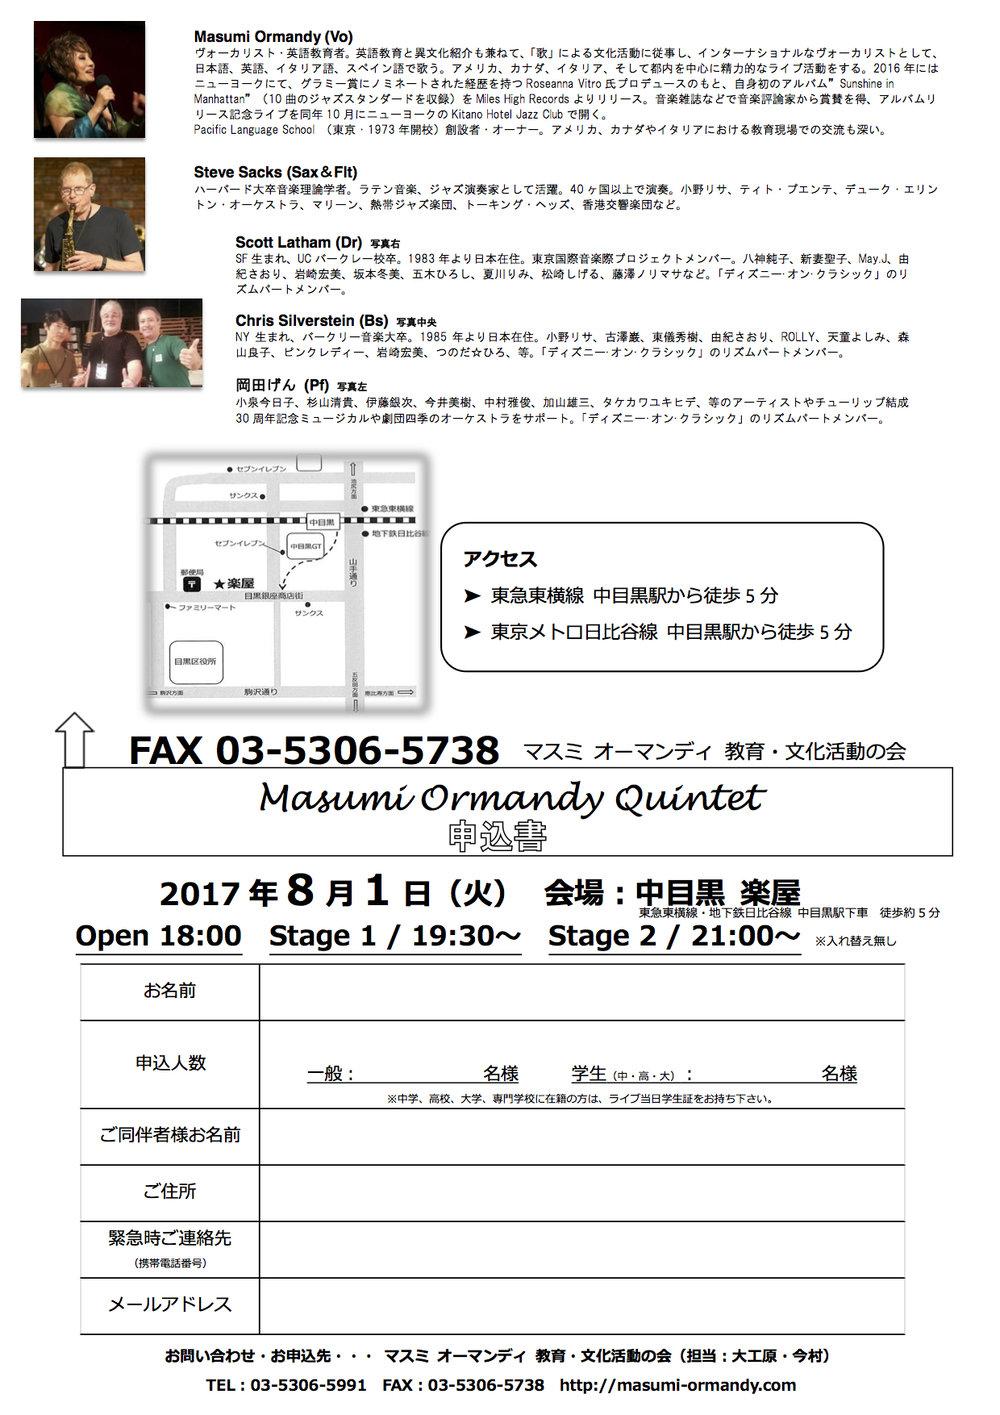 Masumi Ormandy Quintet チラシデータ(白)2.jpg